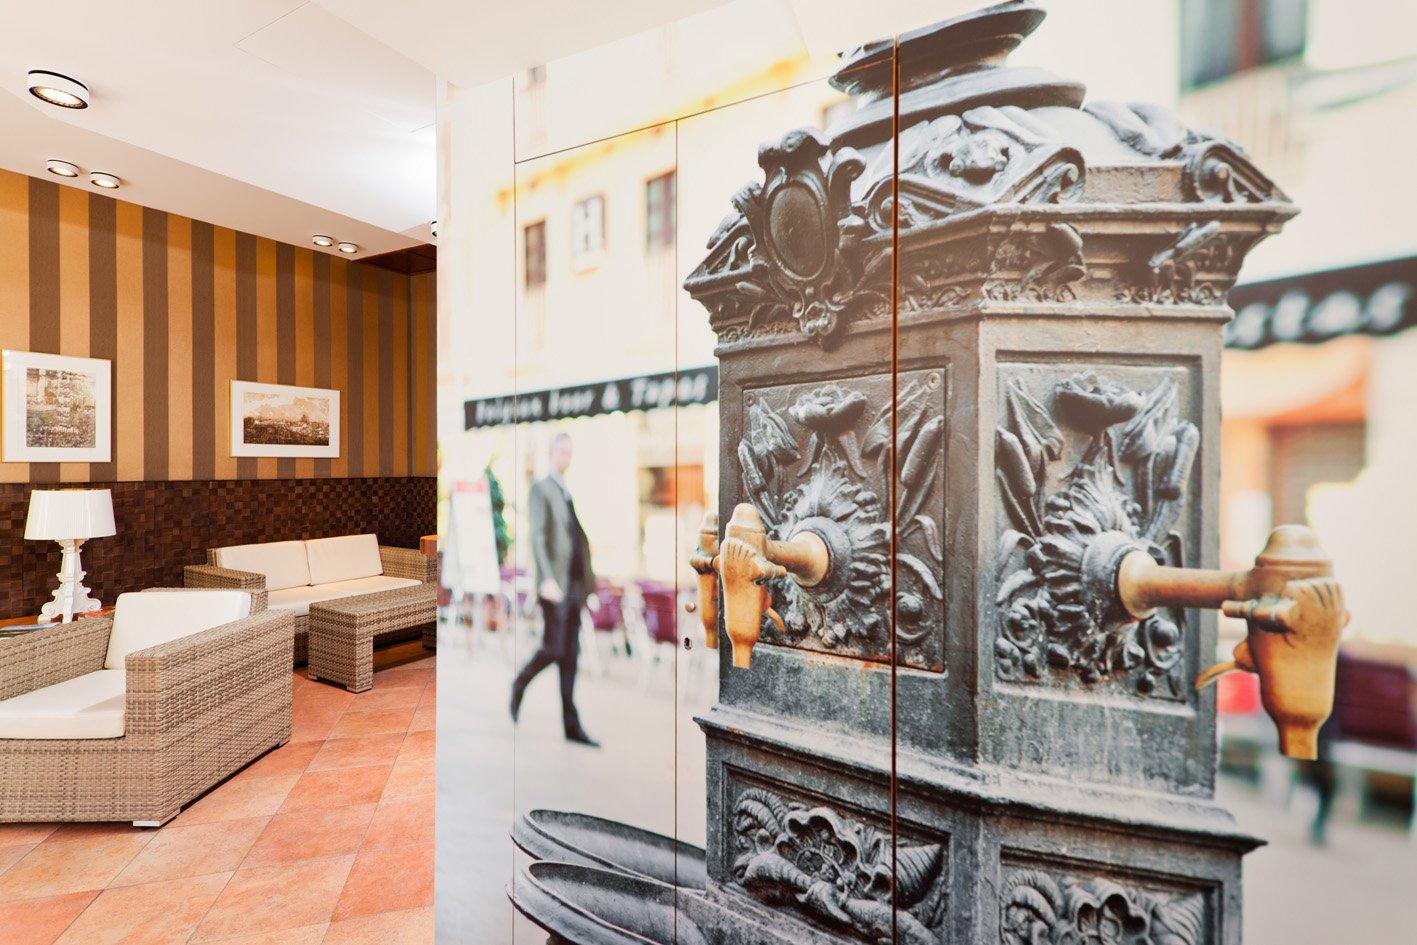 hotel_la_fontnombre_del_documento_19-3810ebb16305a92f725b1e0734211074